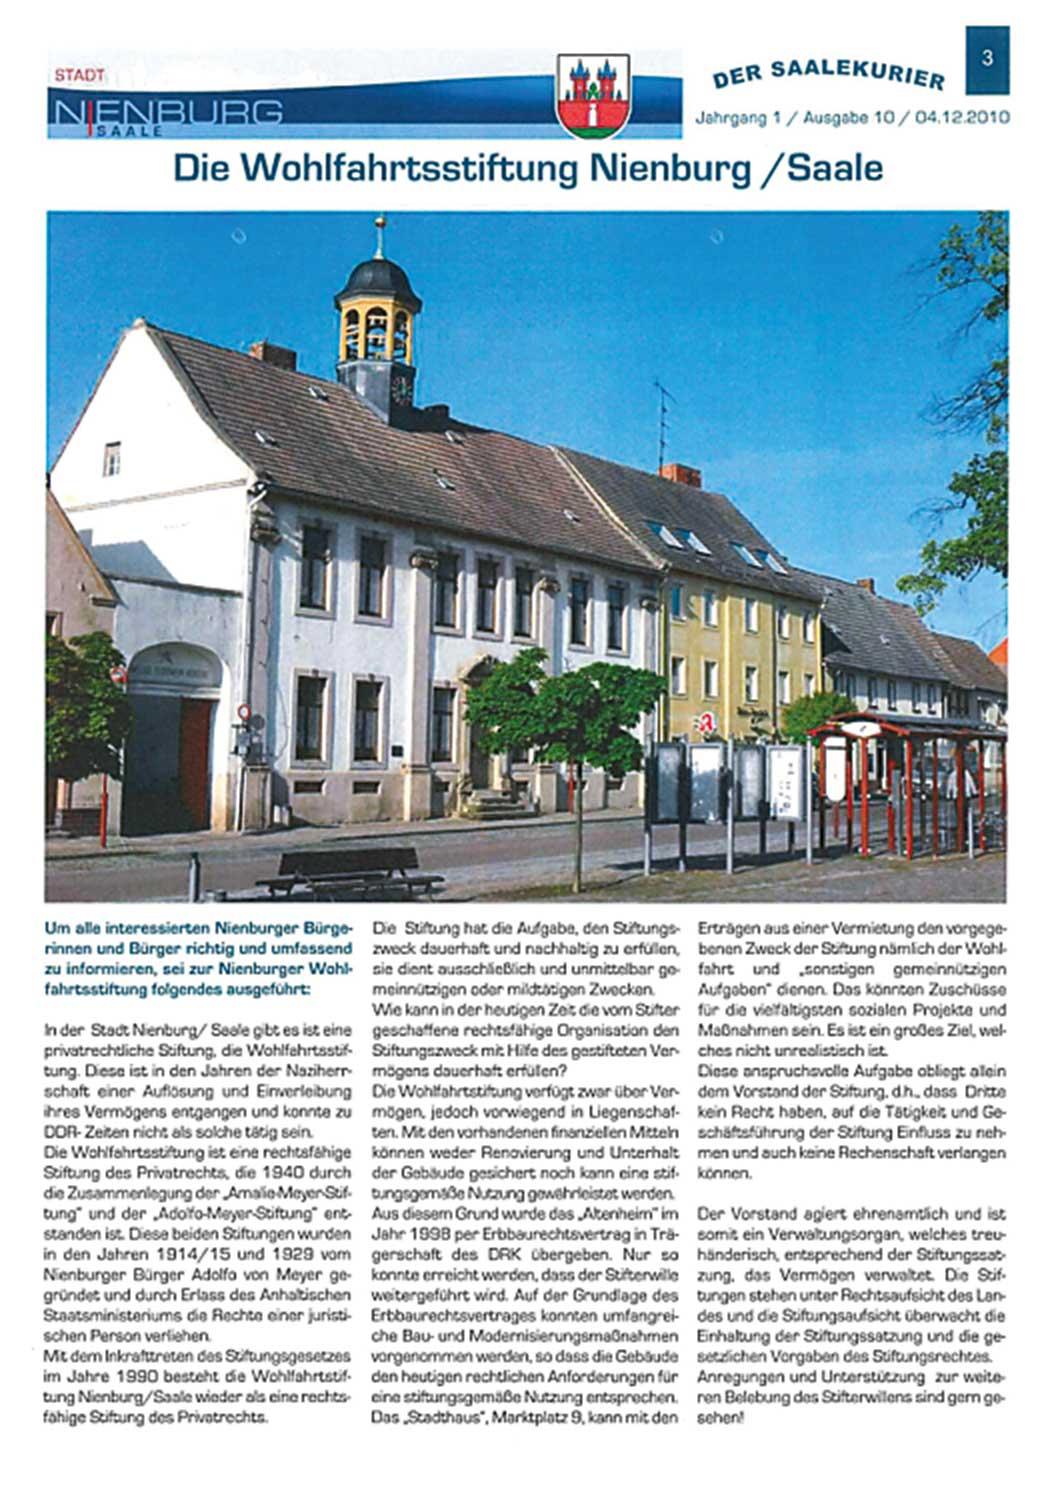 Vorstellung der Wohlfahrtsstiftung Nienburg (Der Saalekurier, H. 10/2010)